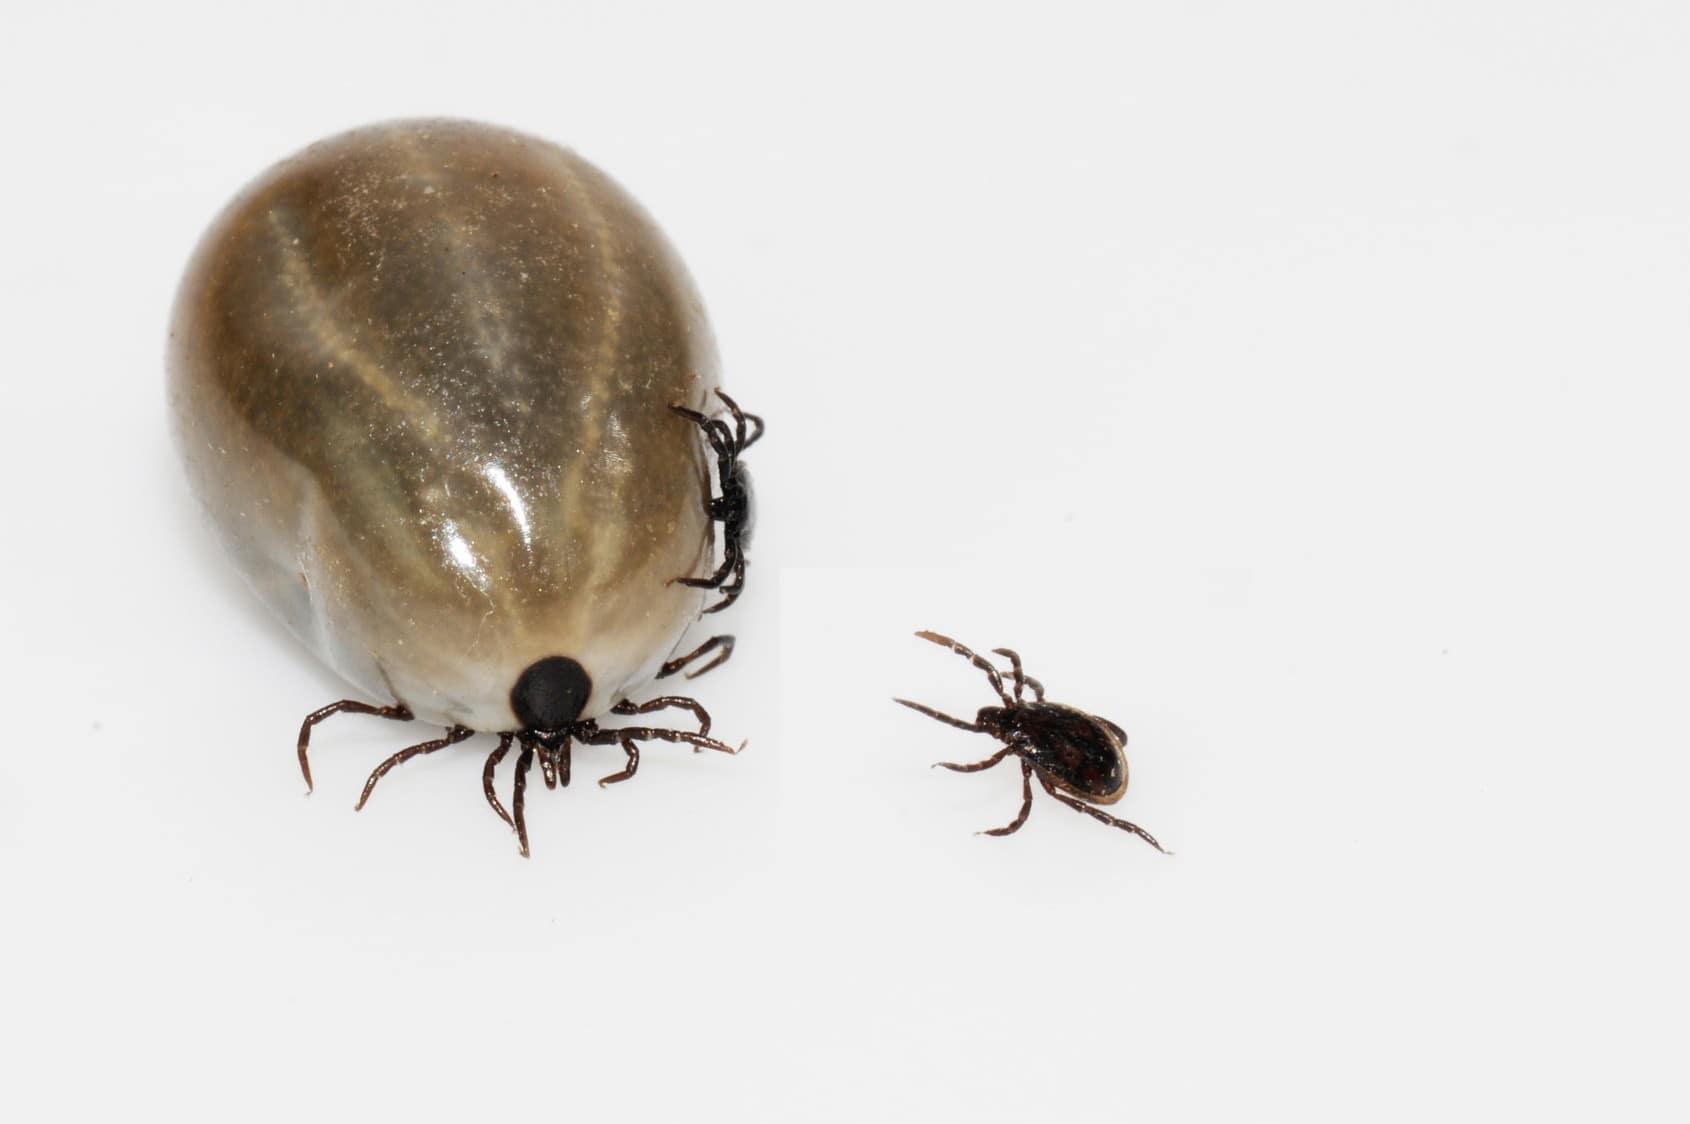 Einen Skorpion in Kärnten gesehen oder gefangen zu haben, können ...